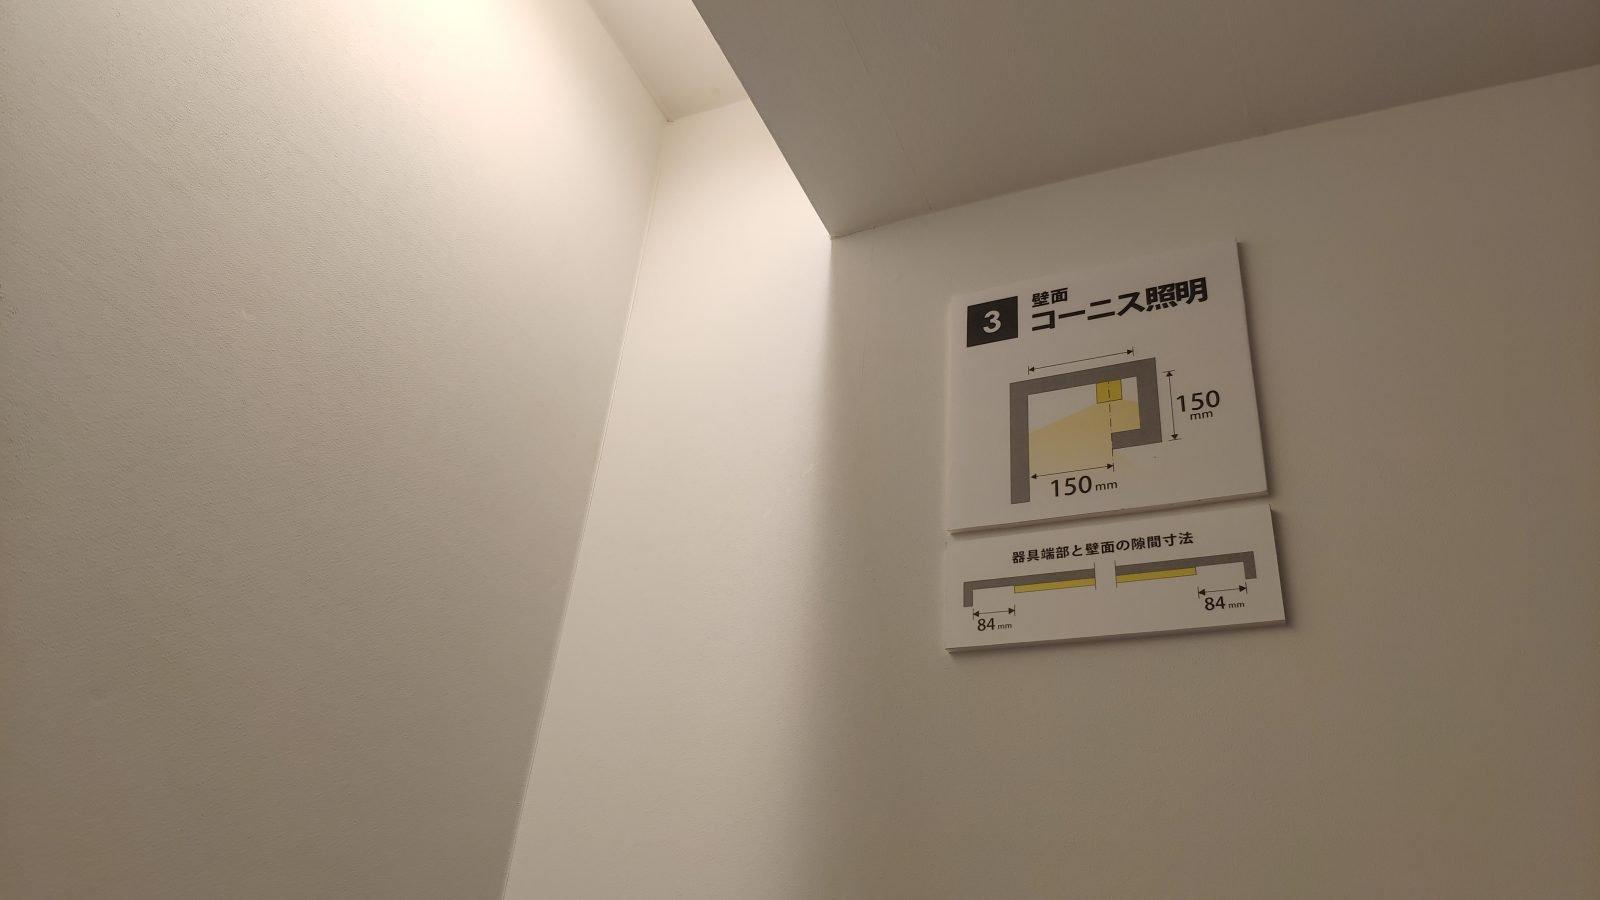 コーニス照明の収まり(実際は全体的にもっと明るく見えます)